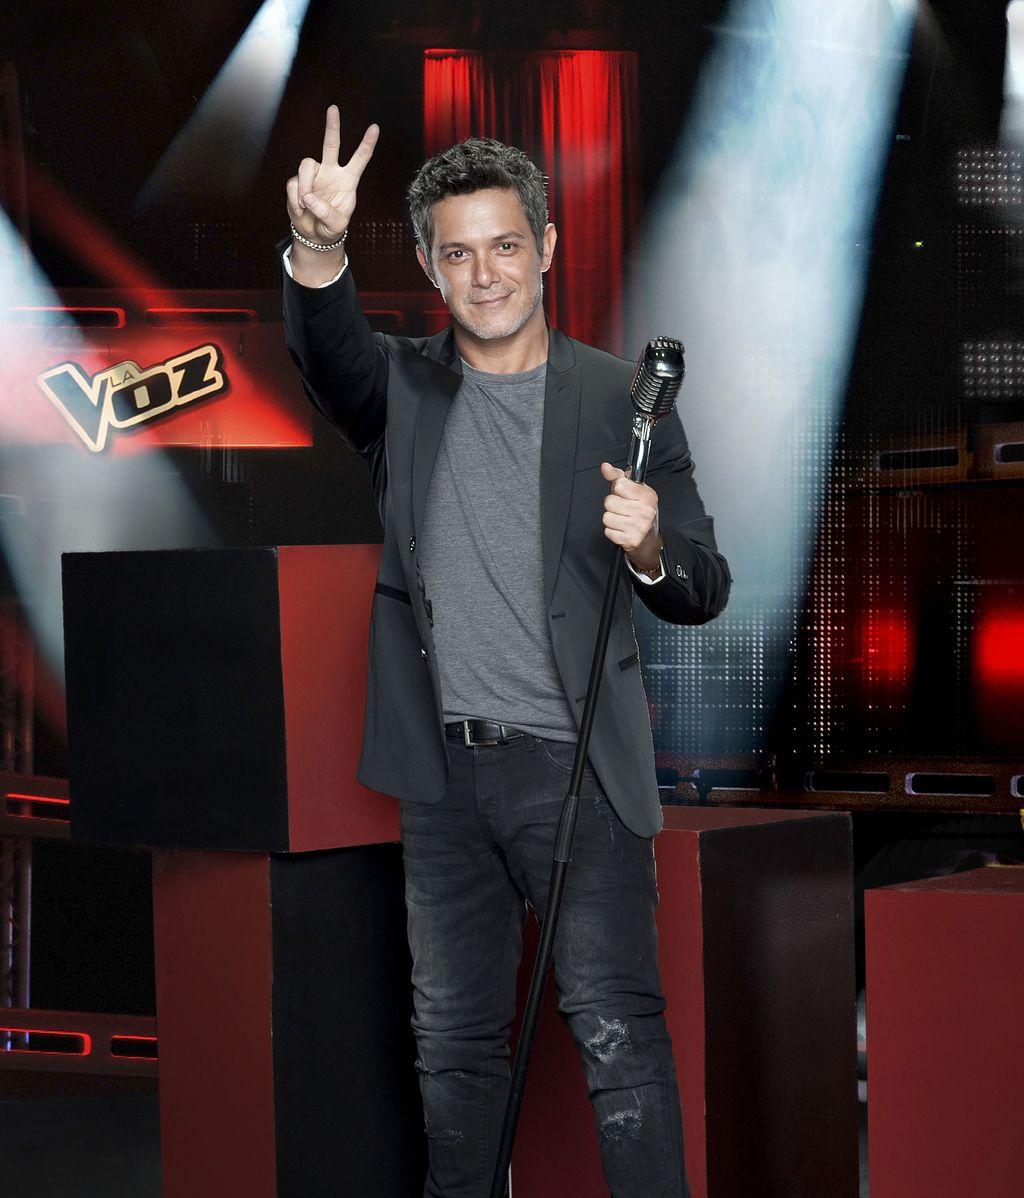 Alejandro Sanz, La voz